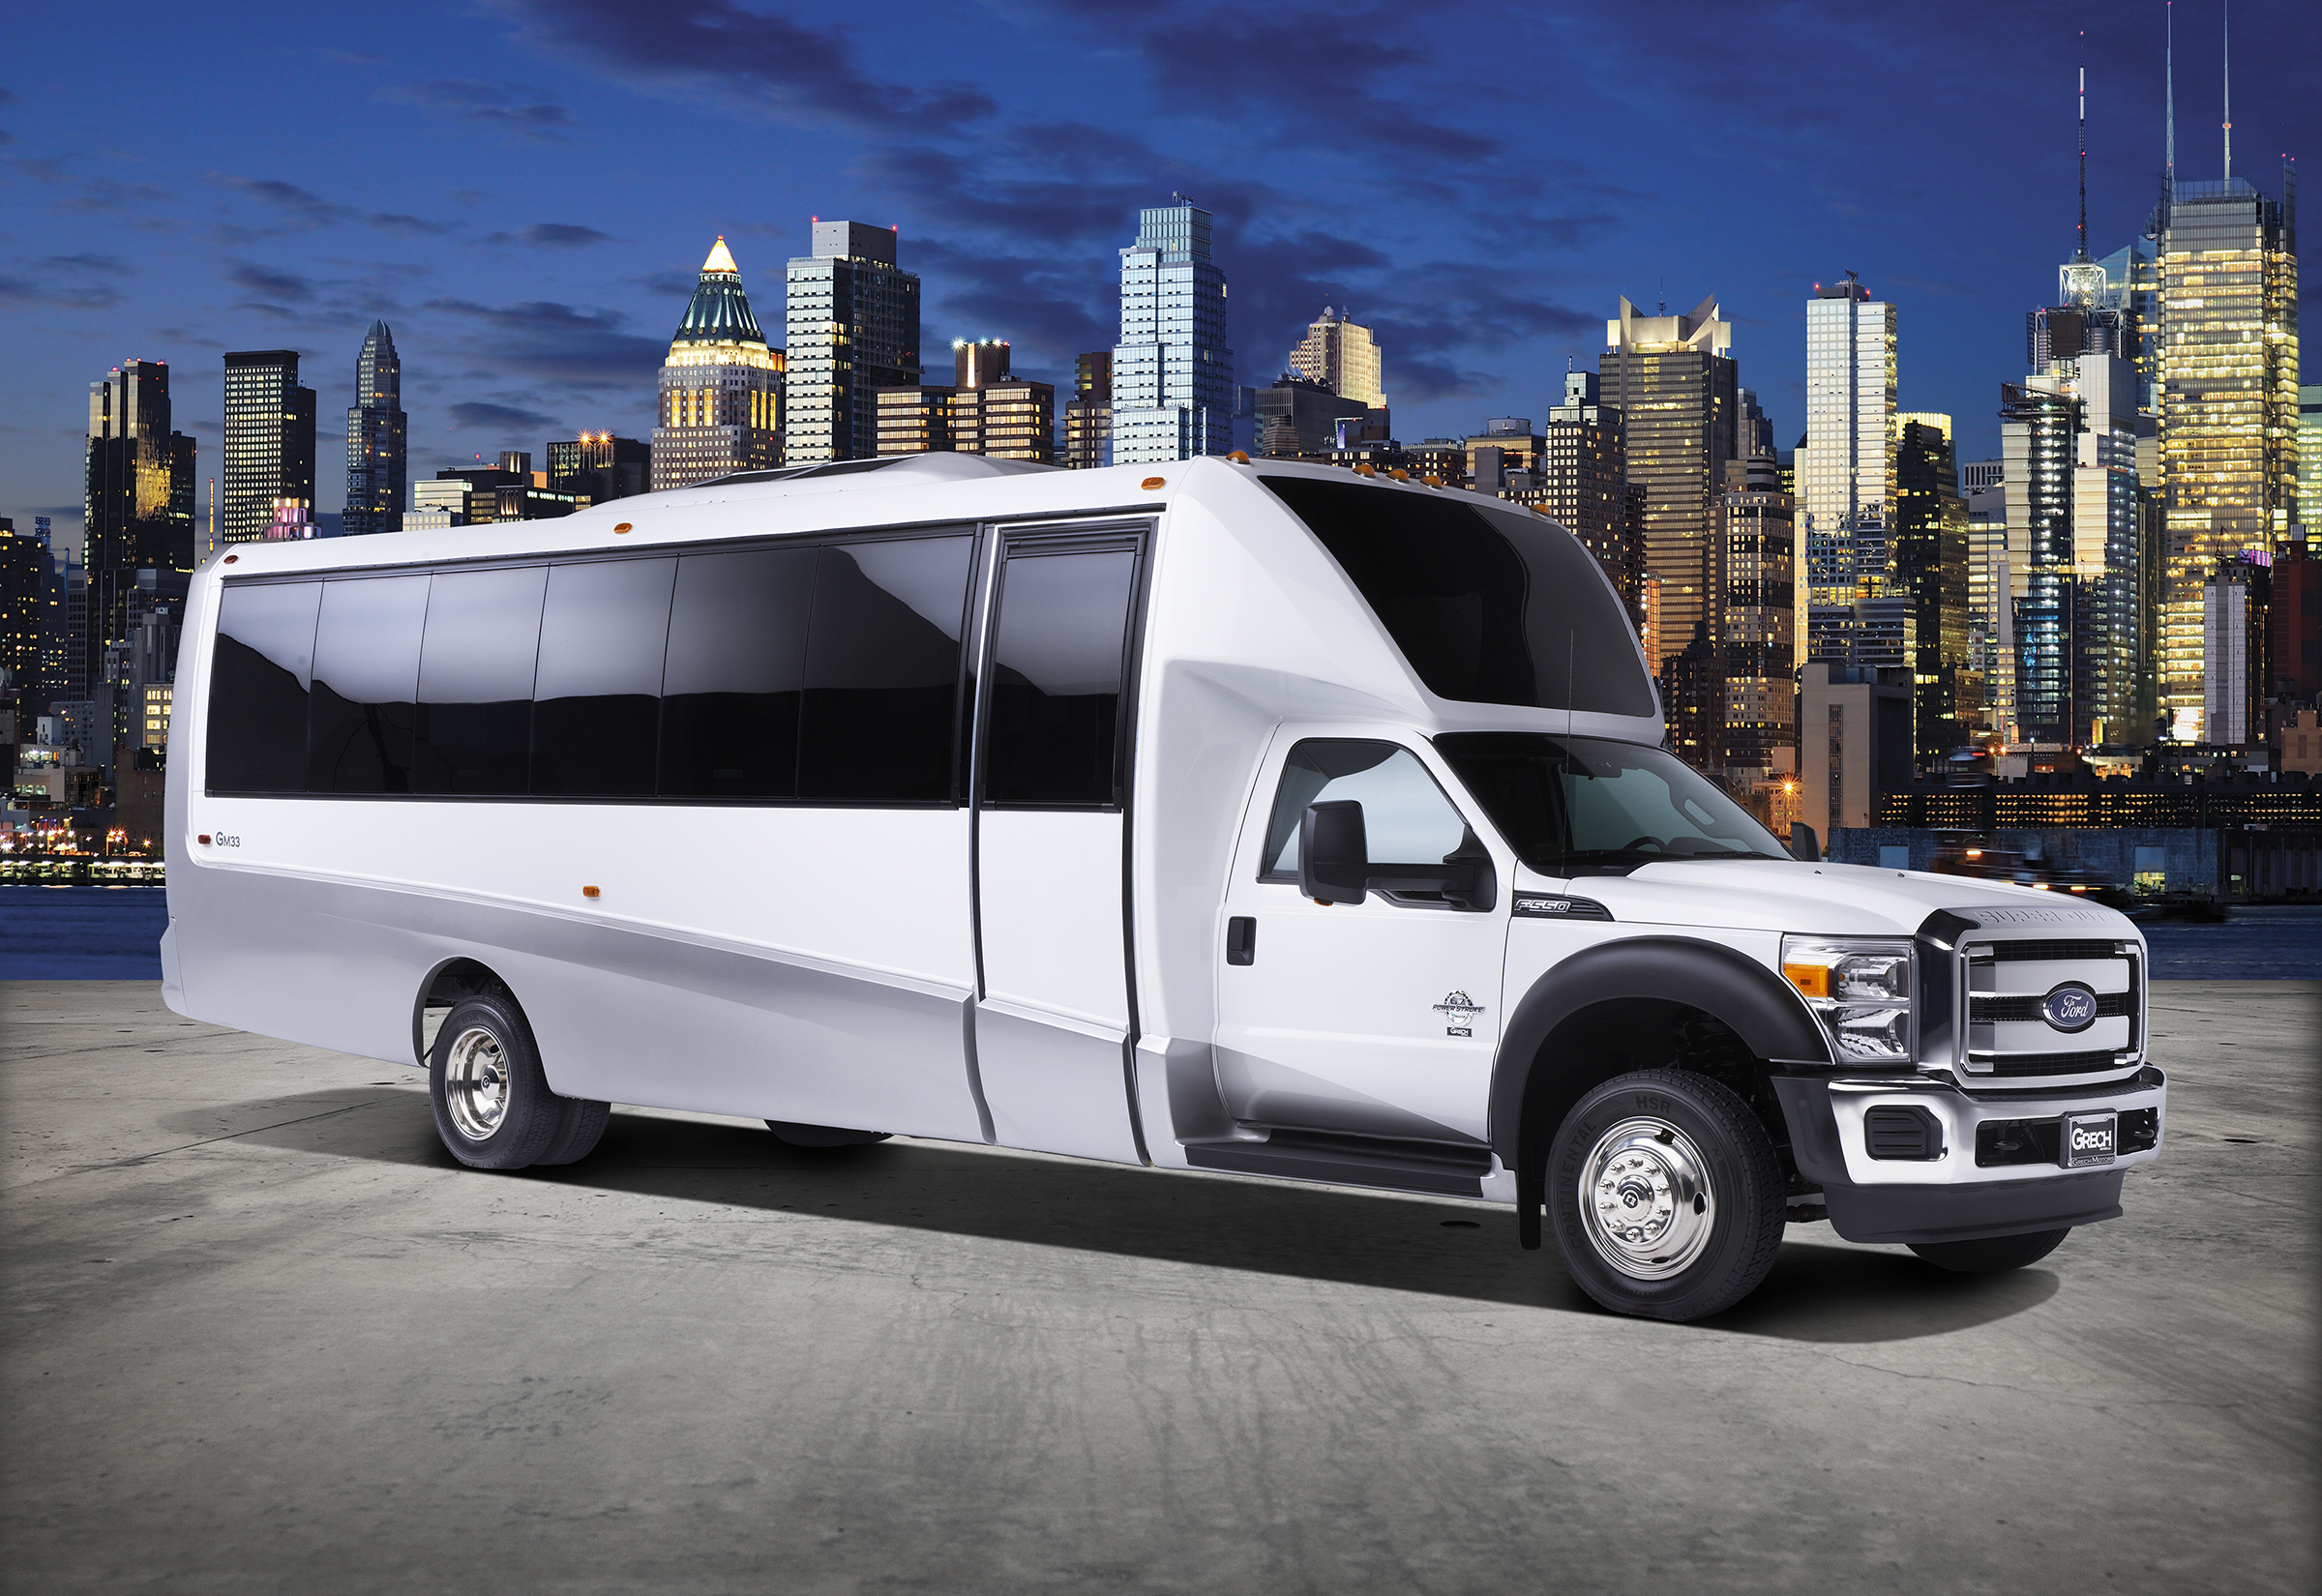 Grech Motors GM33 F-550 Luxury Shuttle Bus